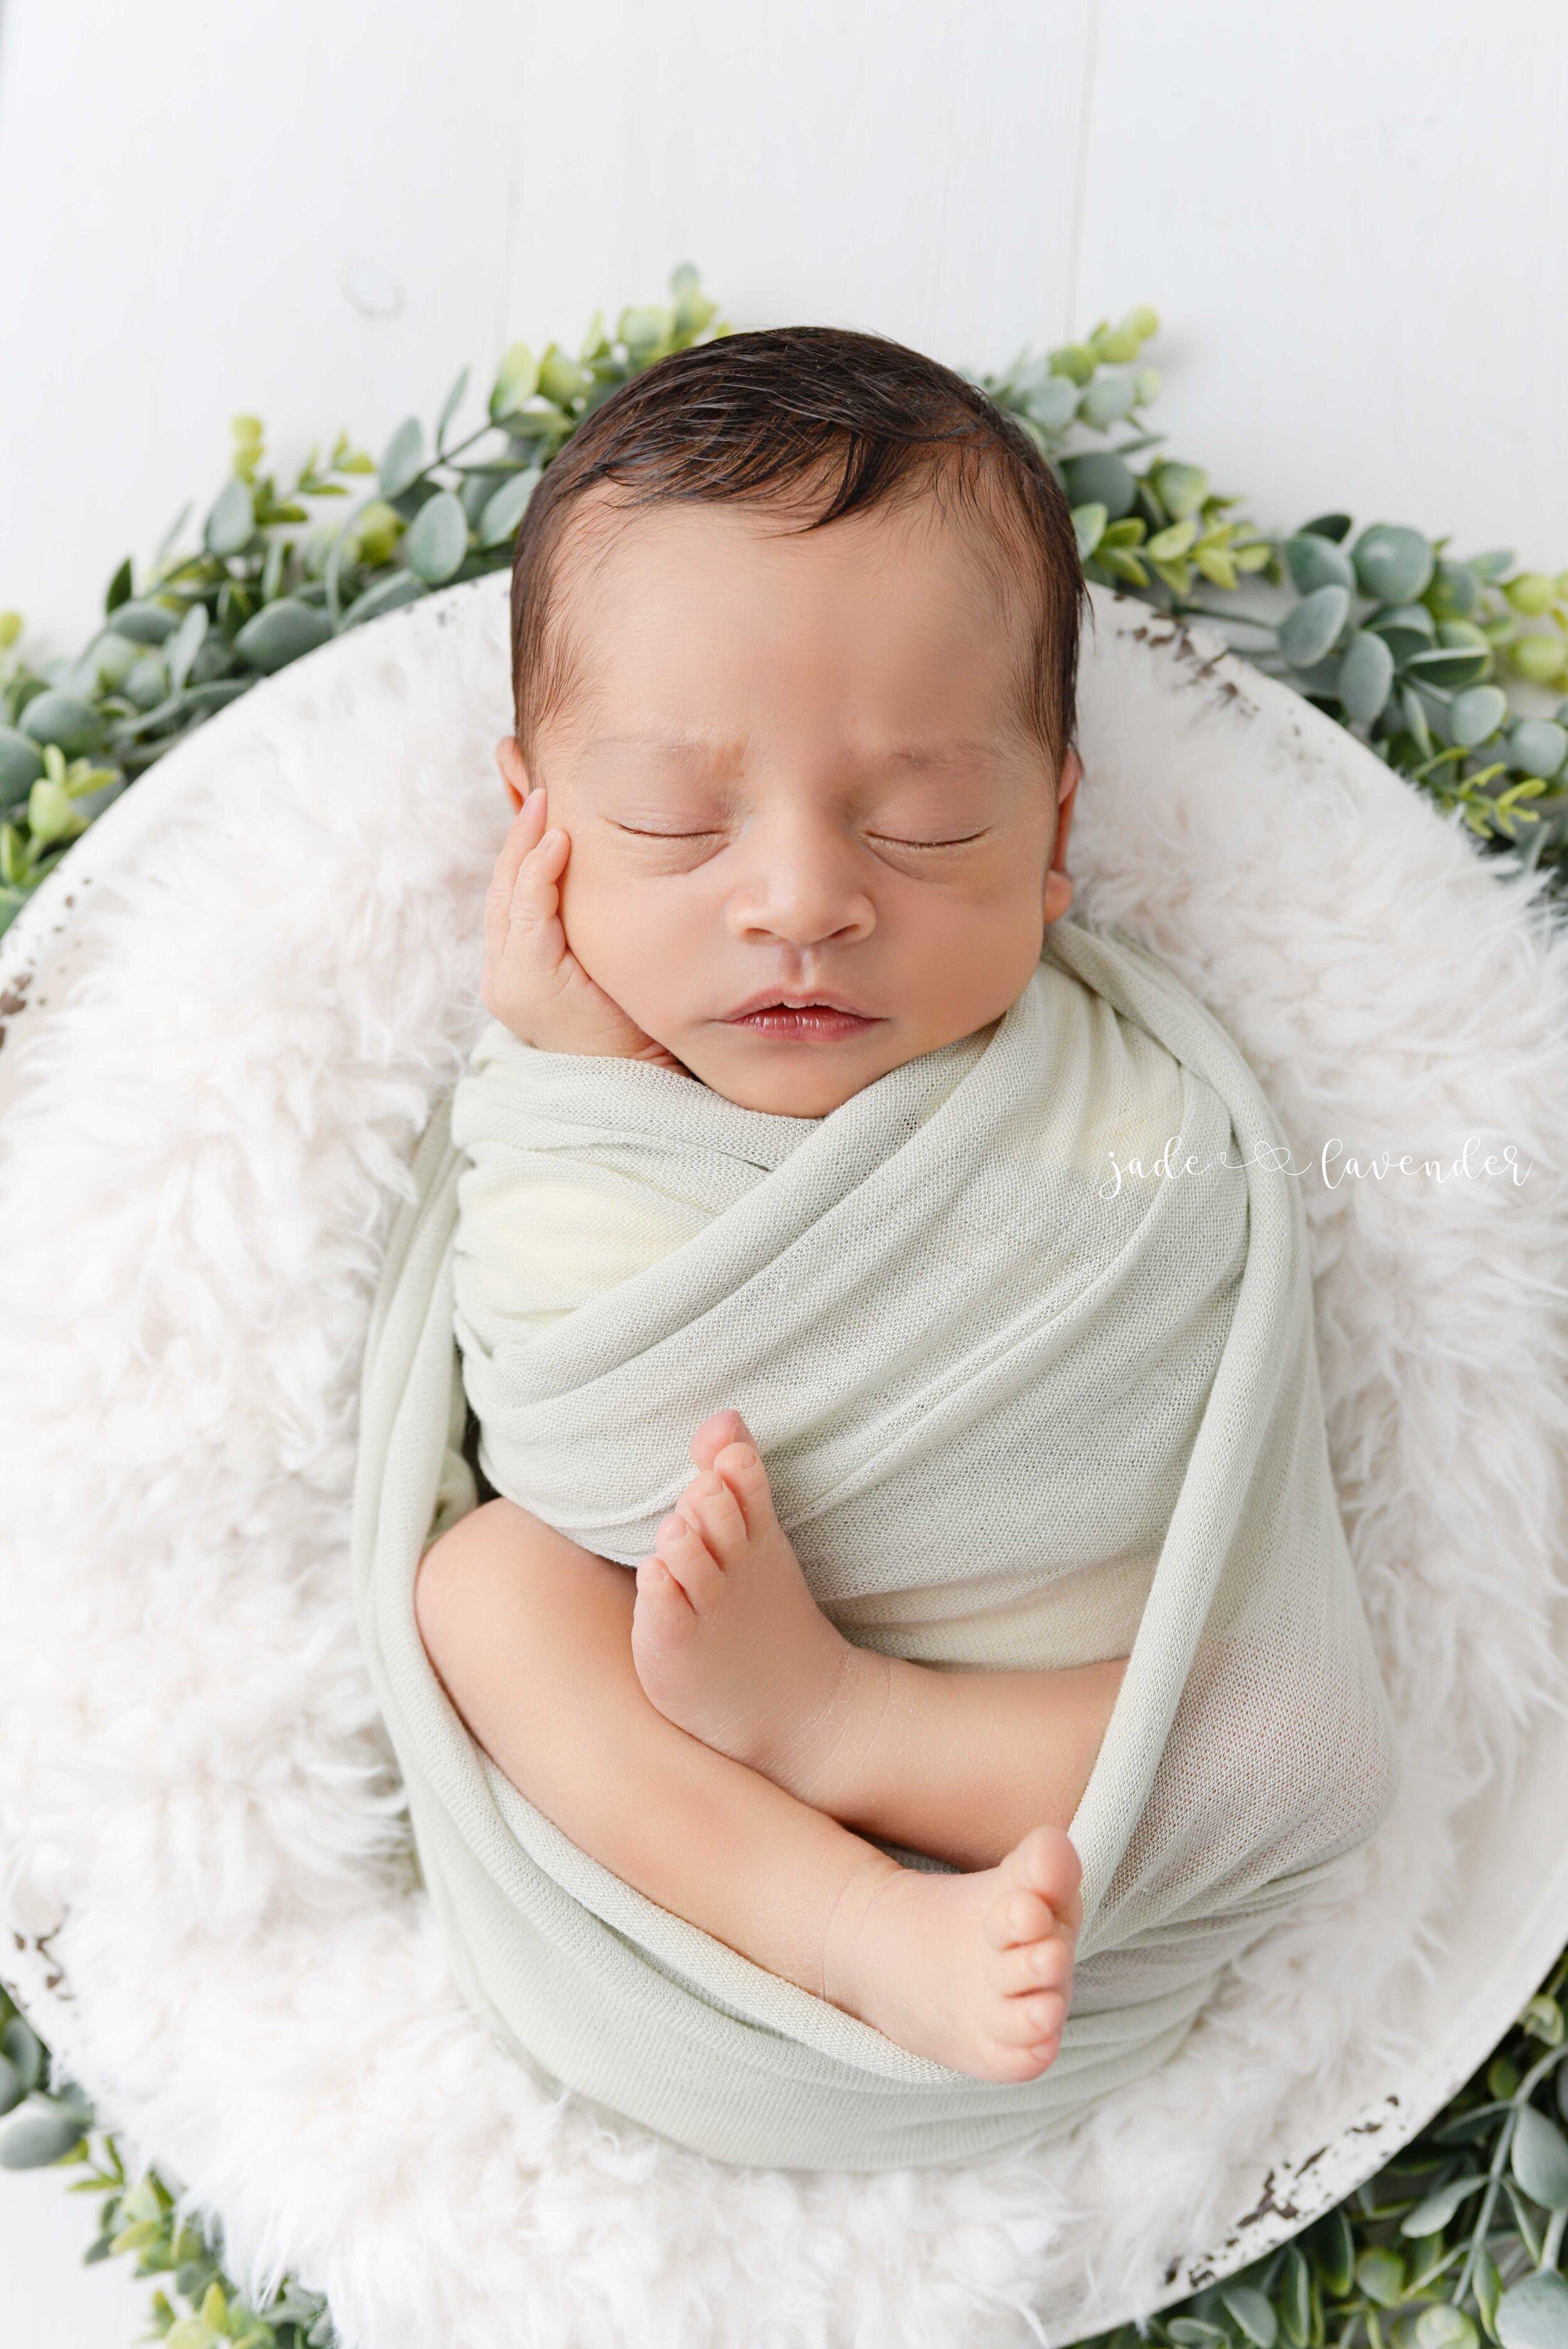 Newborn-family-photos-baby-images-infant-photography-spokane-washington (6 of 7).jpg